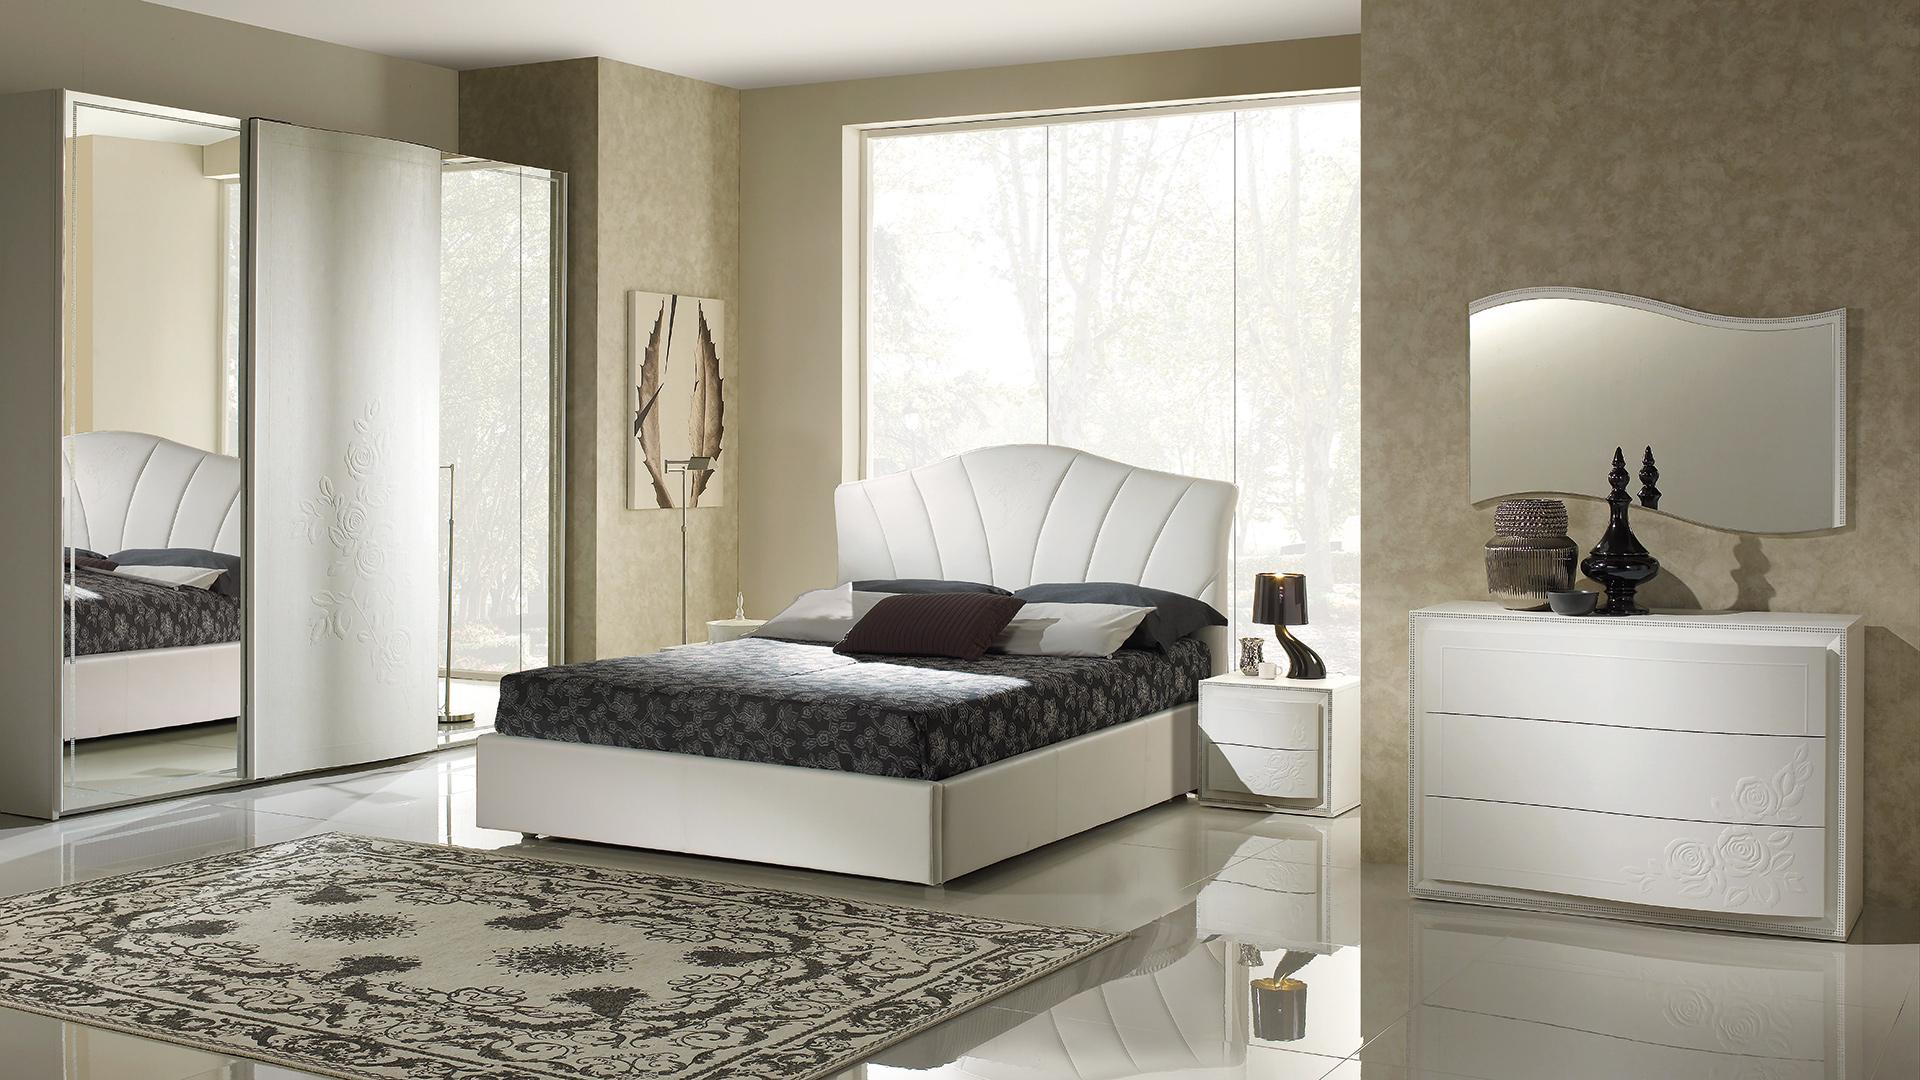 Chanel Weiss mit 3-trg Schwebetürenschrank Schlafzimmer – Yuvam ...